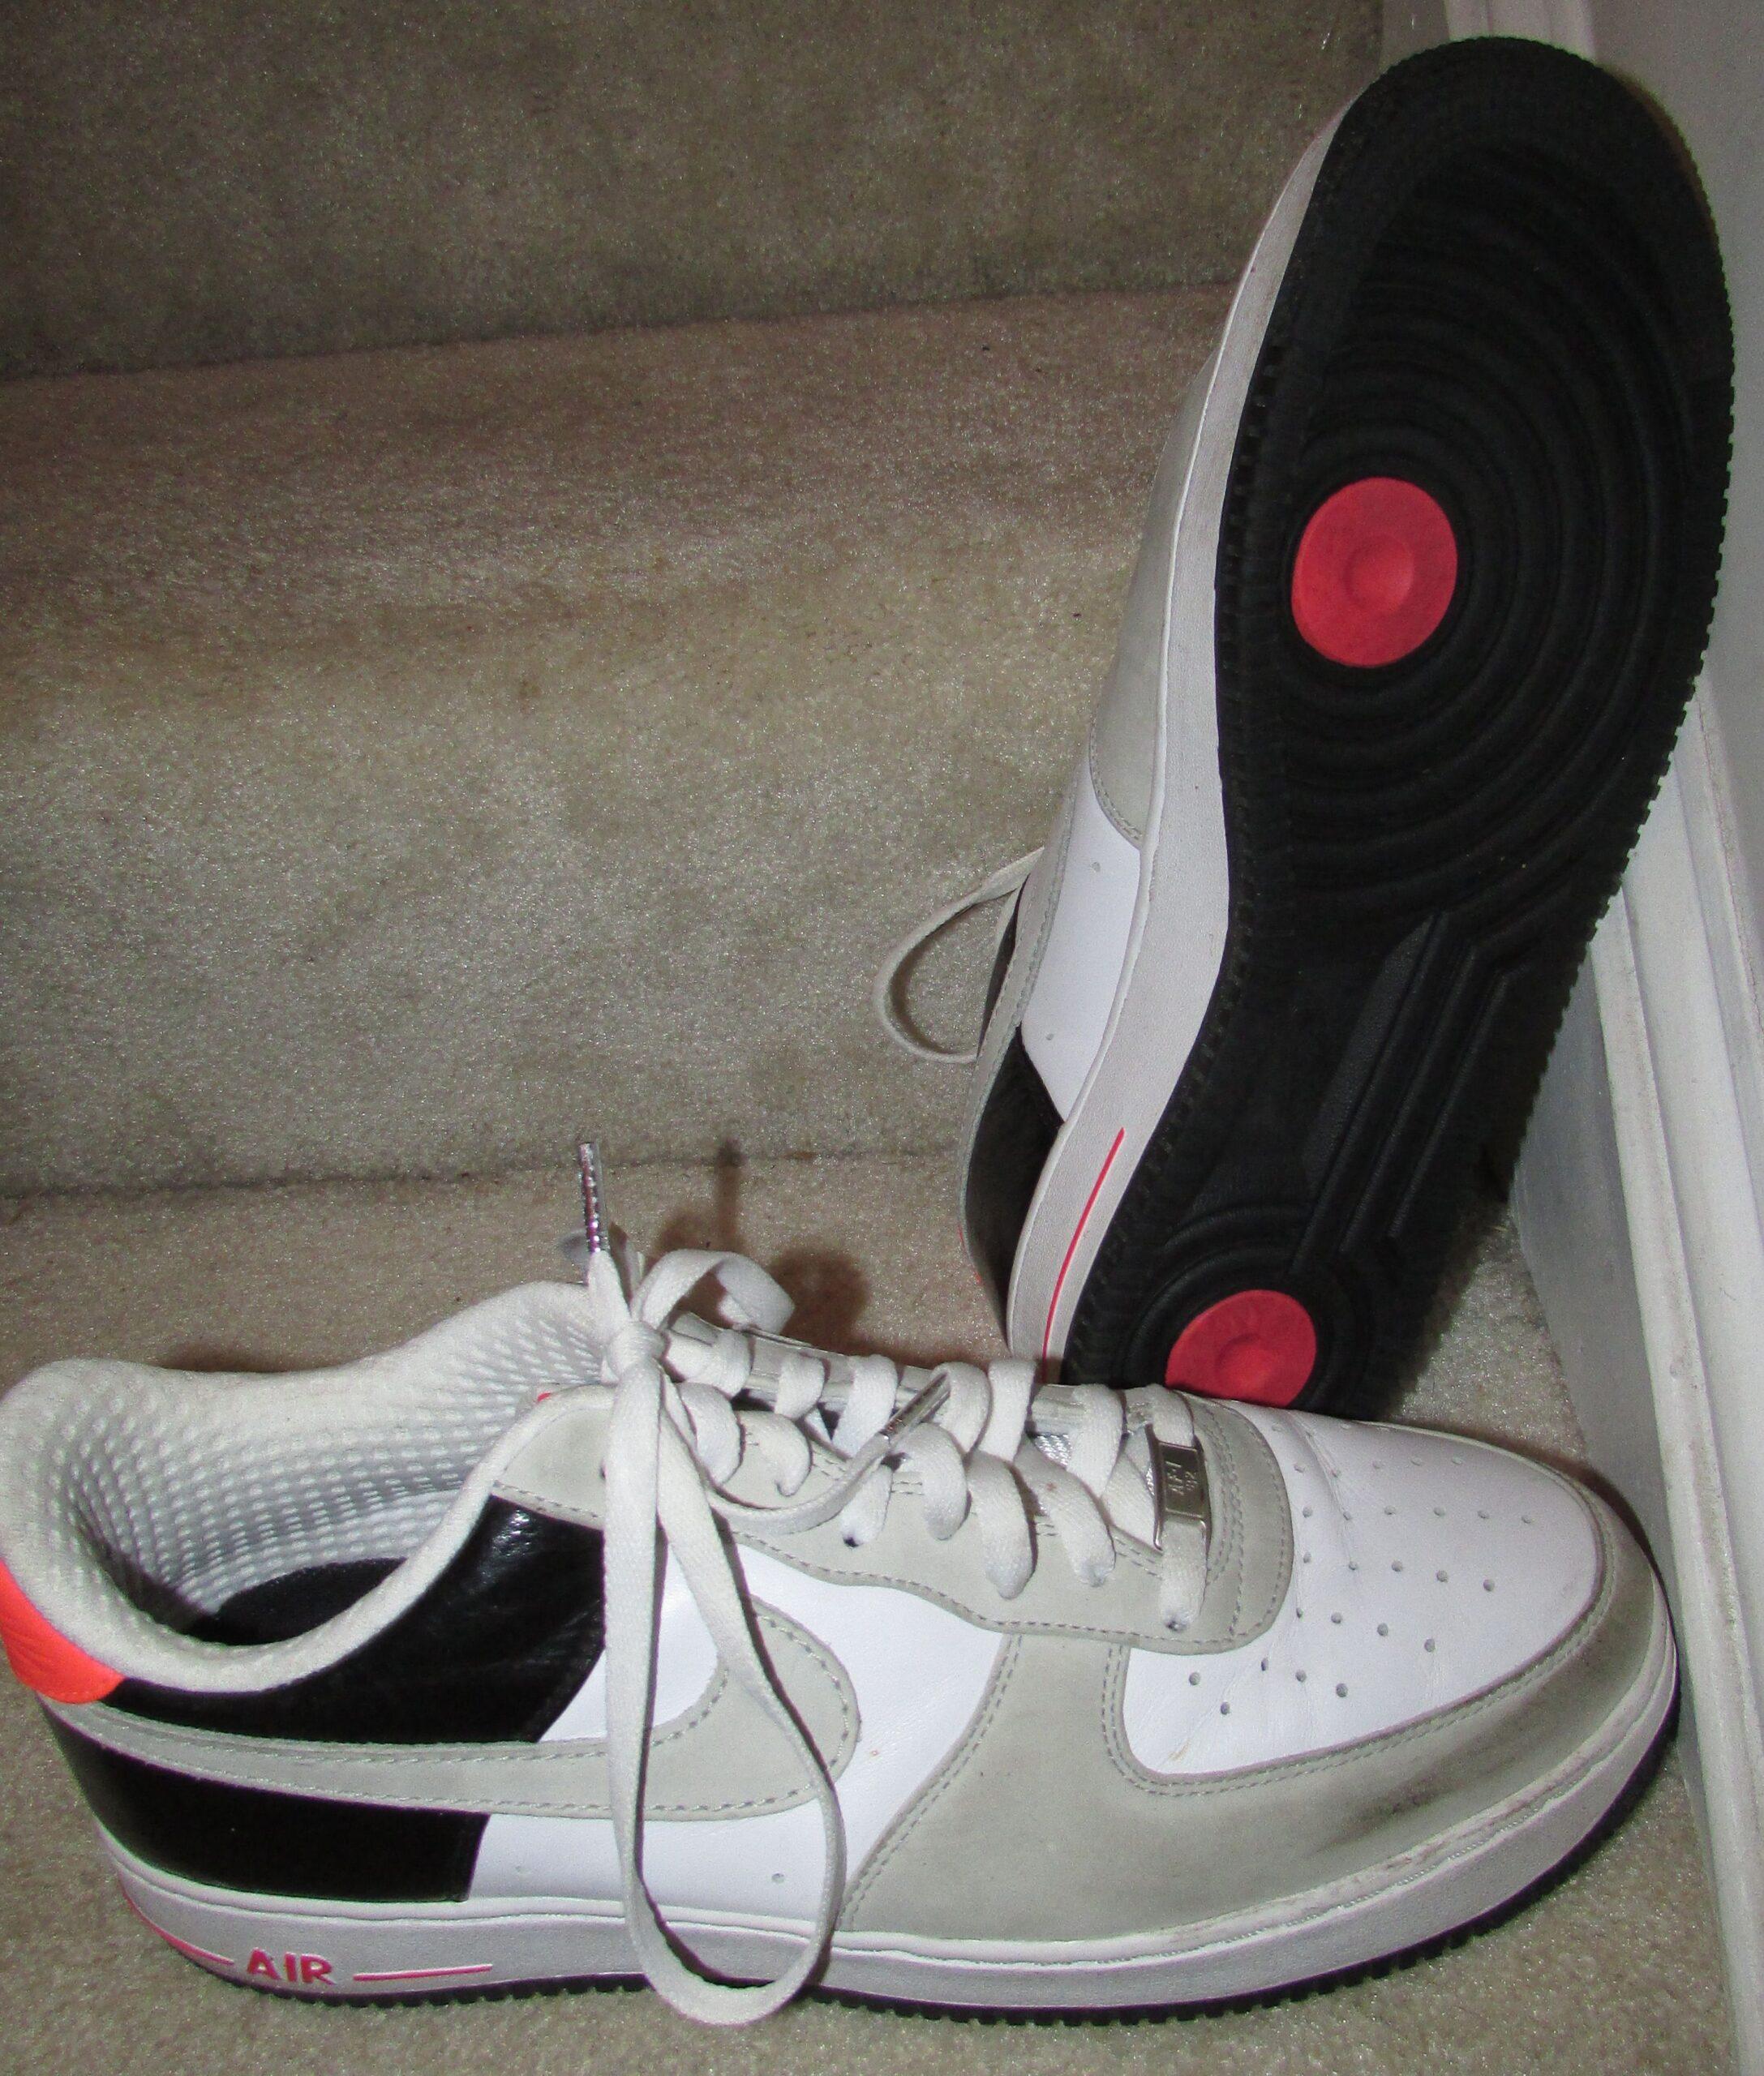 Nike Air Force 1 2008 Low Premium Max